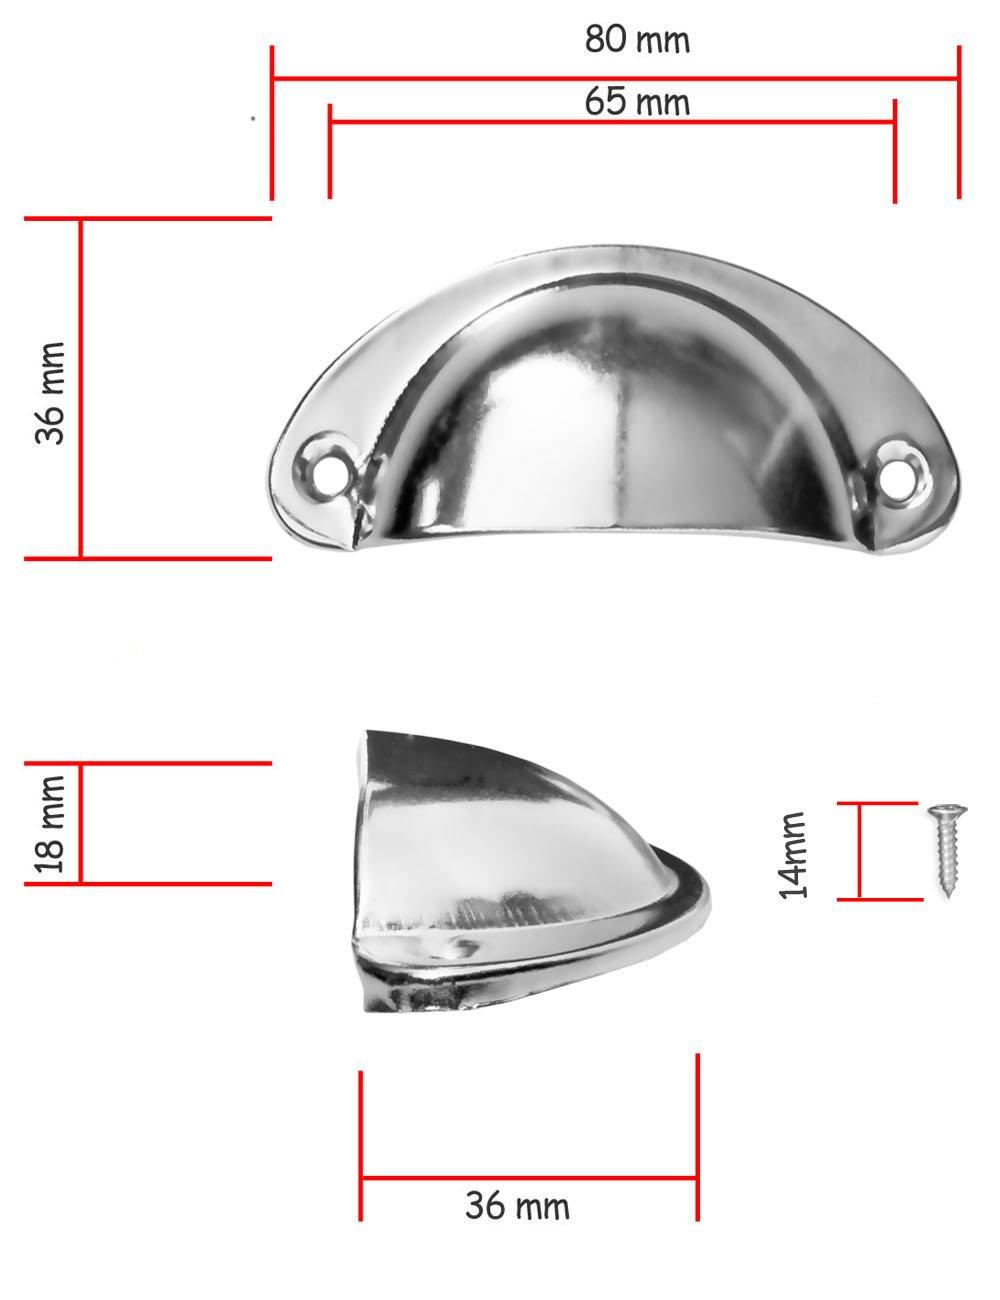 10er Set mit Schrauben verchromt silber FUXXER/® Griff-Schalen f/ür Schieber Buffets Kommoden Landhaus Stil 10x Antik Schubladen Griff-Muscheln Chrom-Design